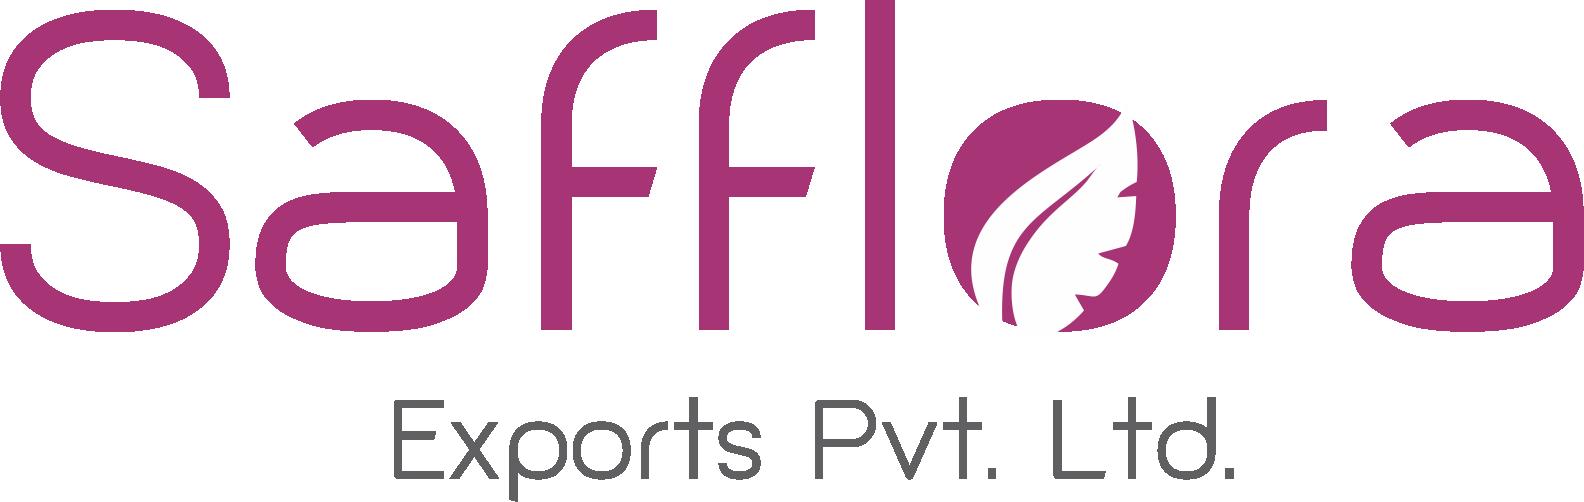 Safflora Exports Pvt. Ltd.